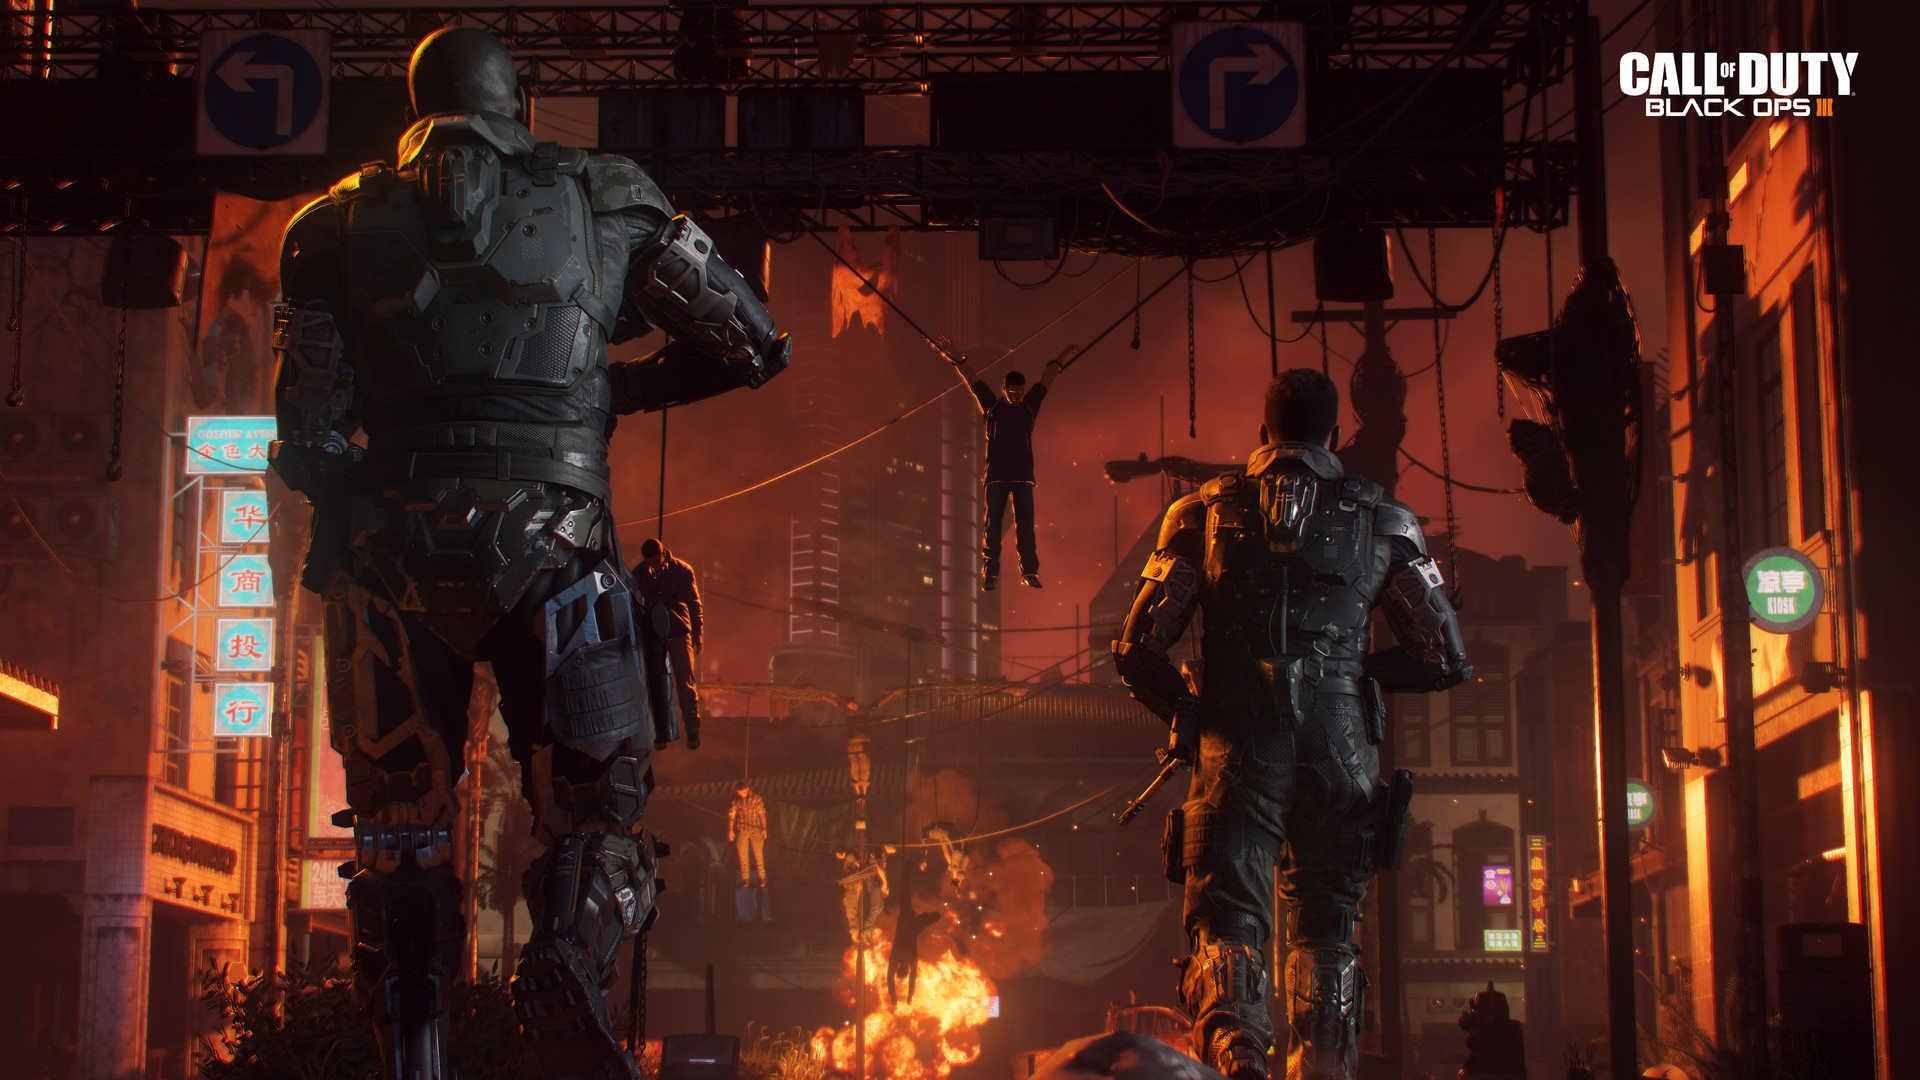 Black Ops 3 Black Ops 3 …